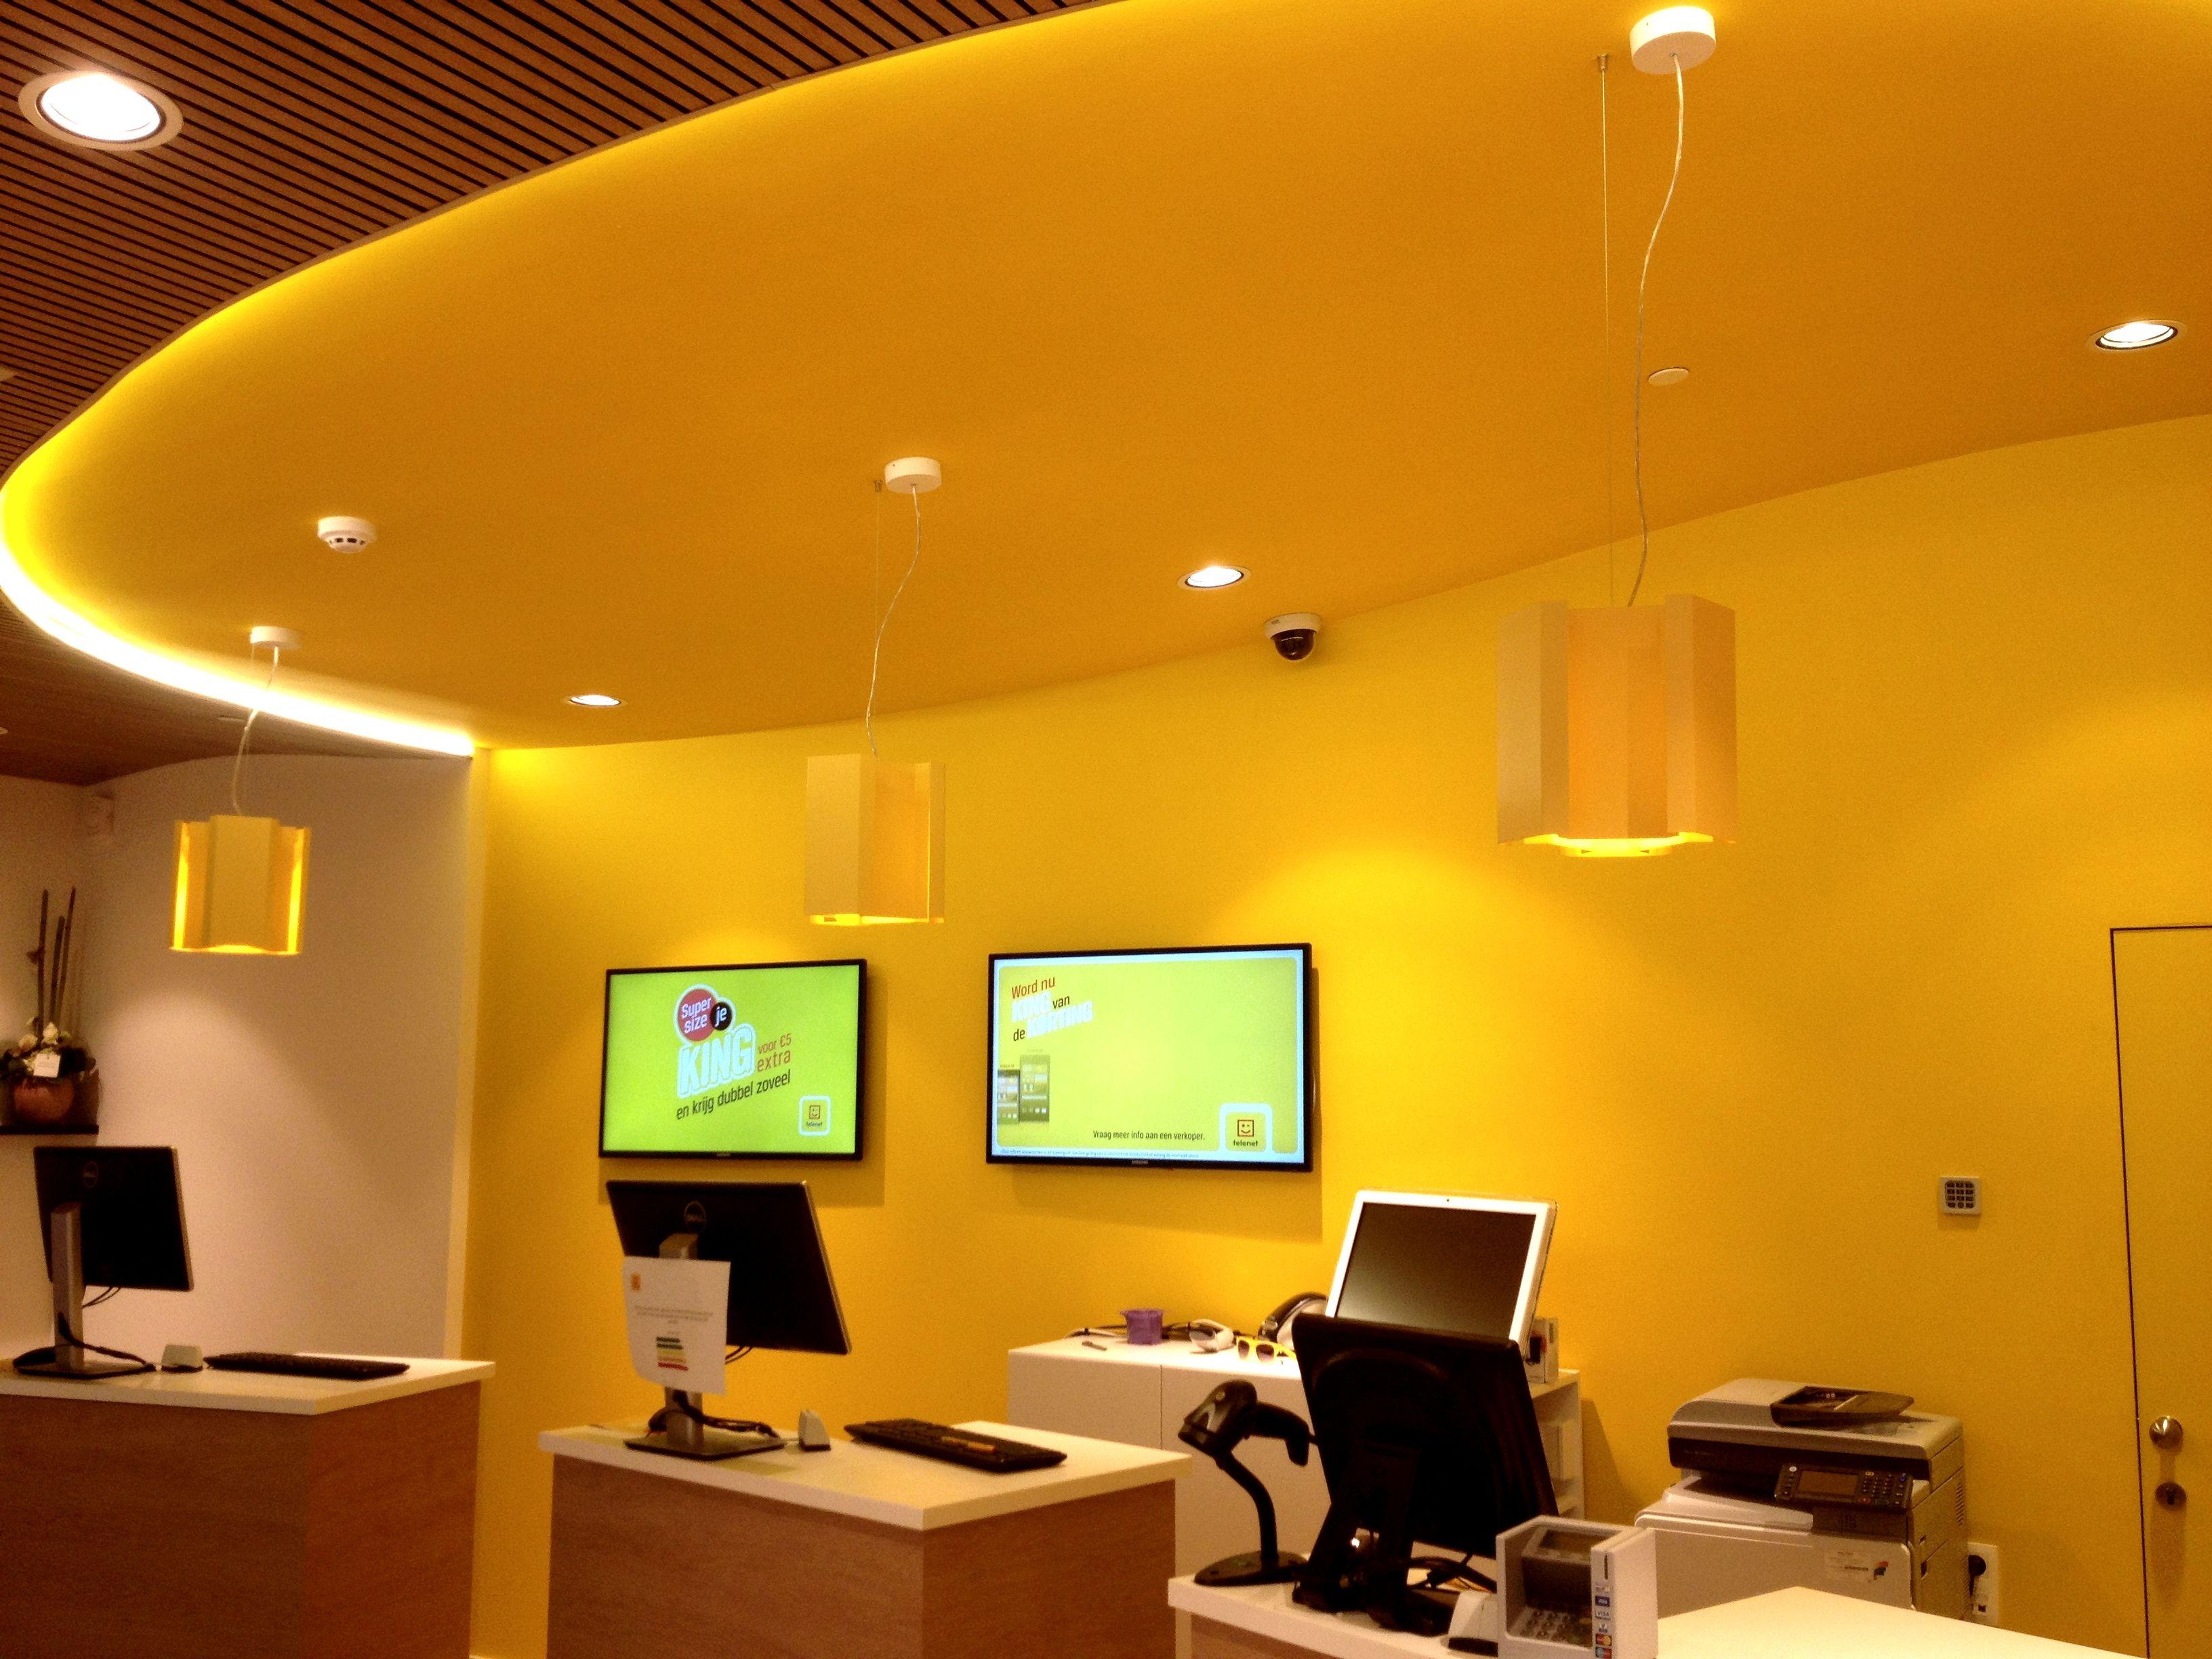 TELENET SHOP #DARK KASBAH yellow KWAI 20 & 40 bamboo  #concept #shopping center1 #surmesur #project Genk BE